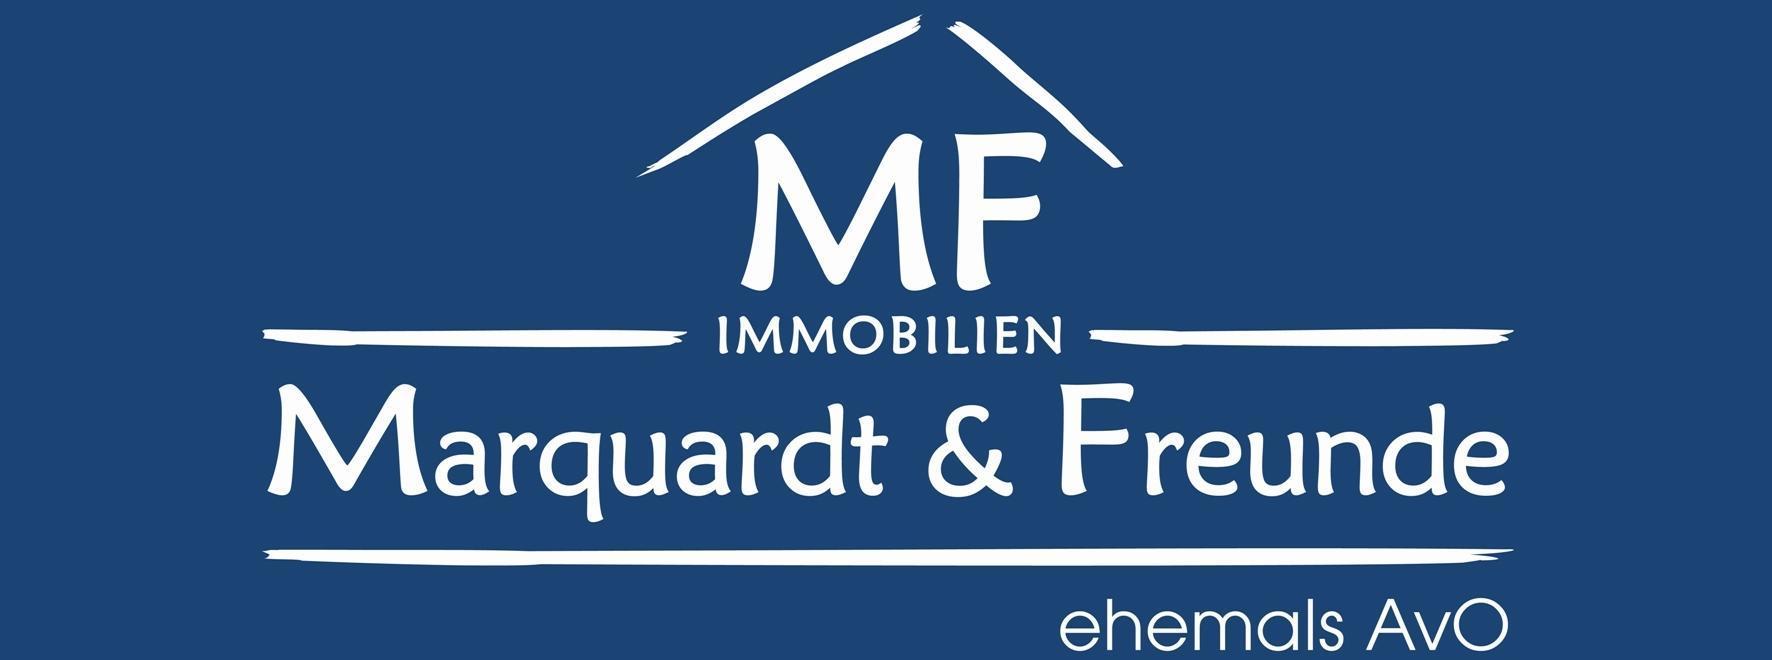 Hier sehen Sie das Logo von Marquardt & Freunde Immobilien e. Kfr.